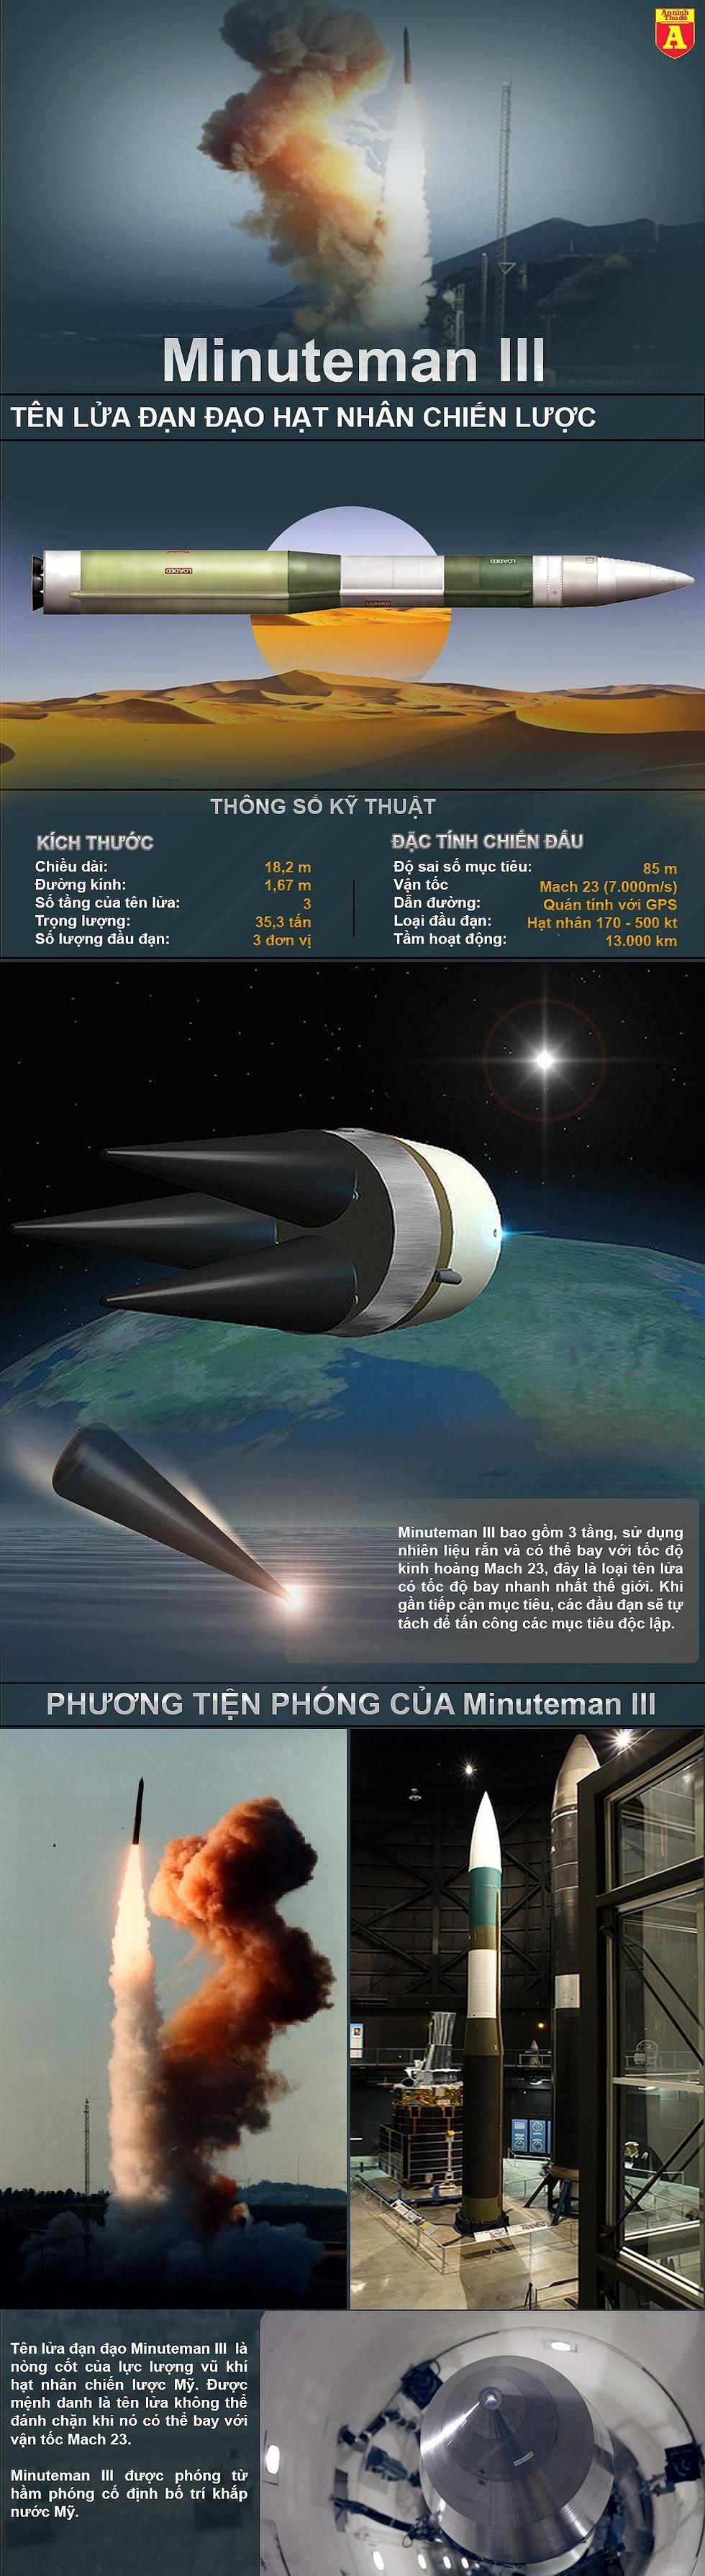 [Info] Tên lửa tầm ngắn Triều Tiên vừa bay, Mỹ phóng ngay siêu tên lửa tầm xa ảnh 2